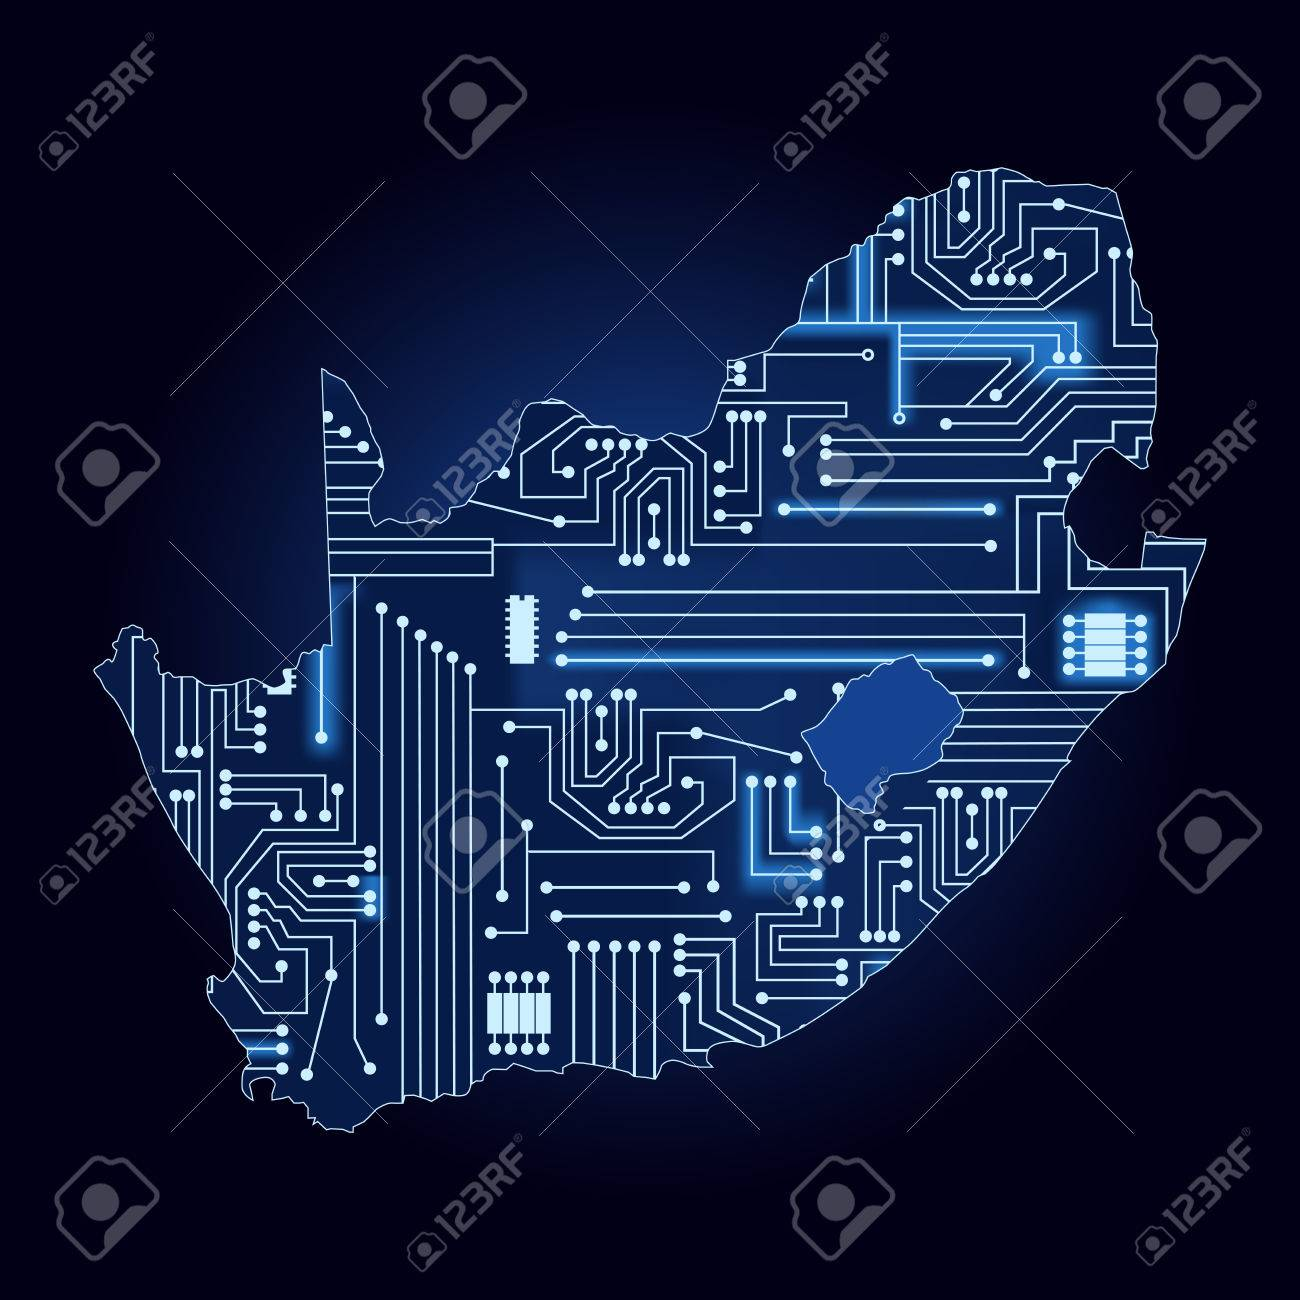 Circuito Electronico : Correspondencia de contorno de sudáfrica con un circuito